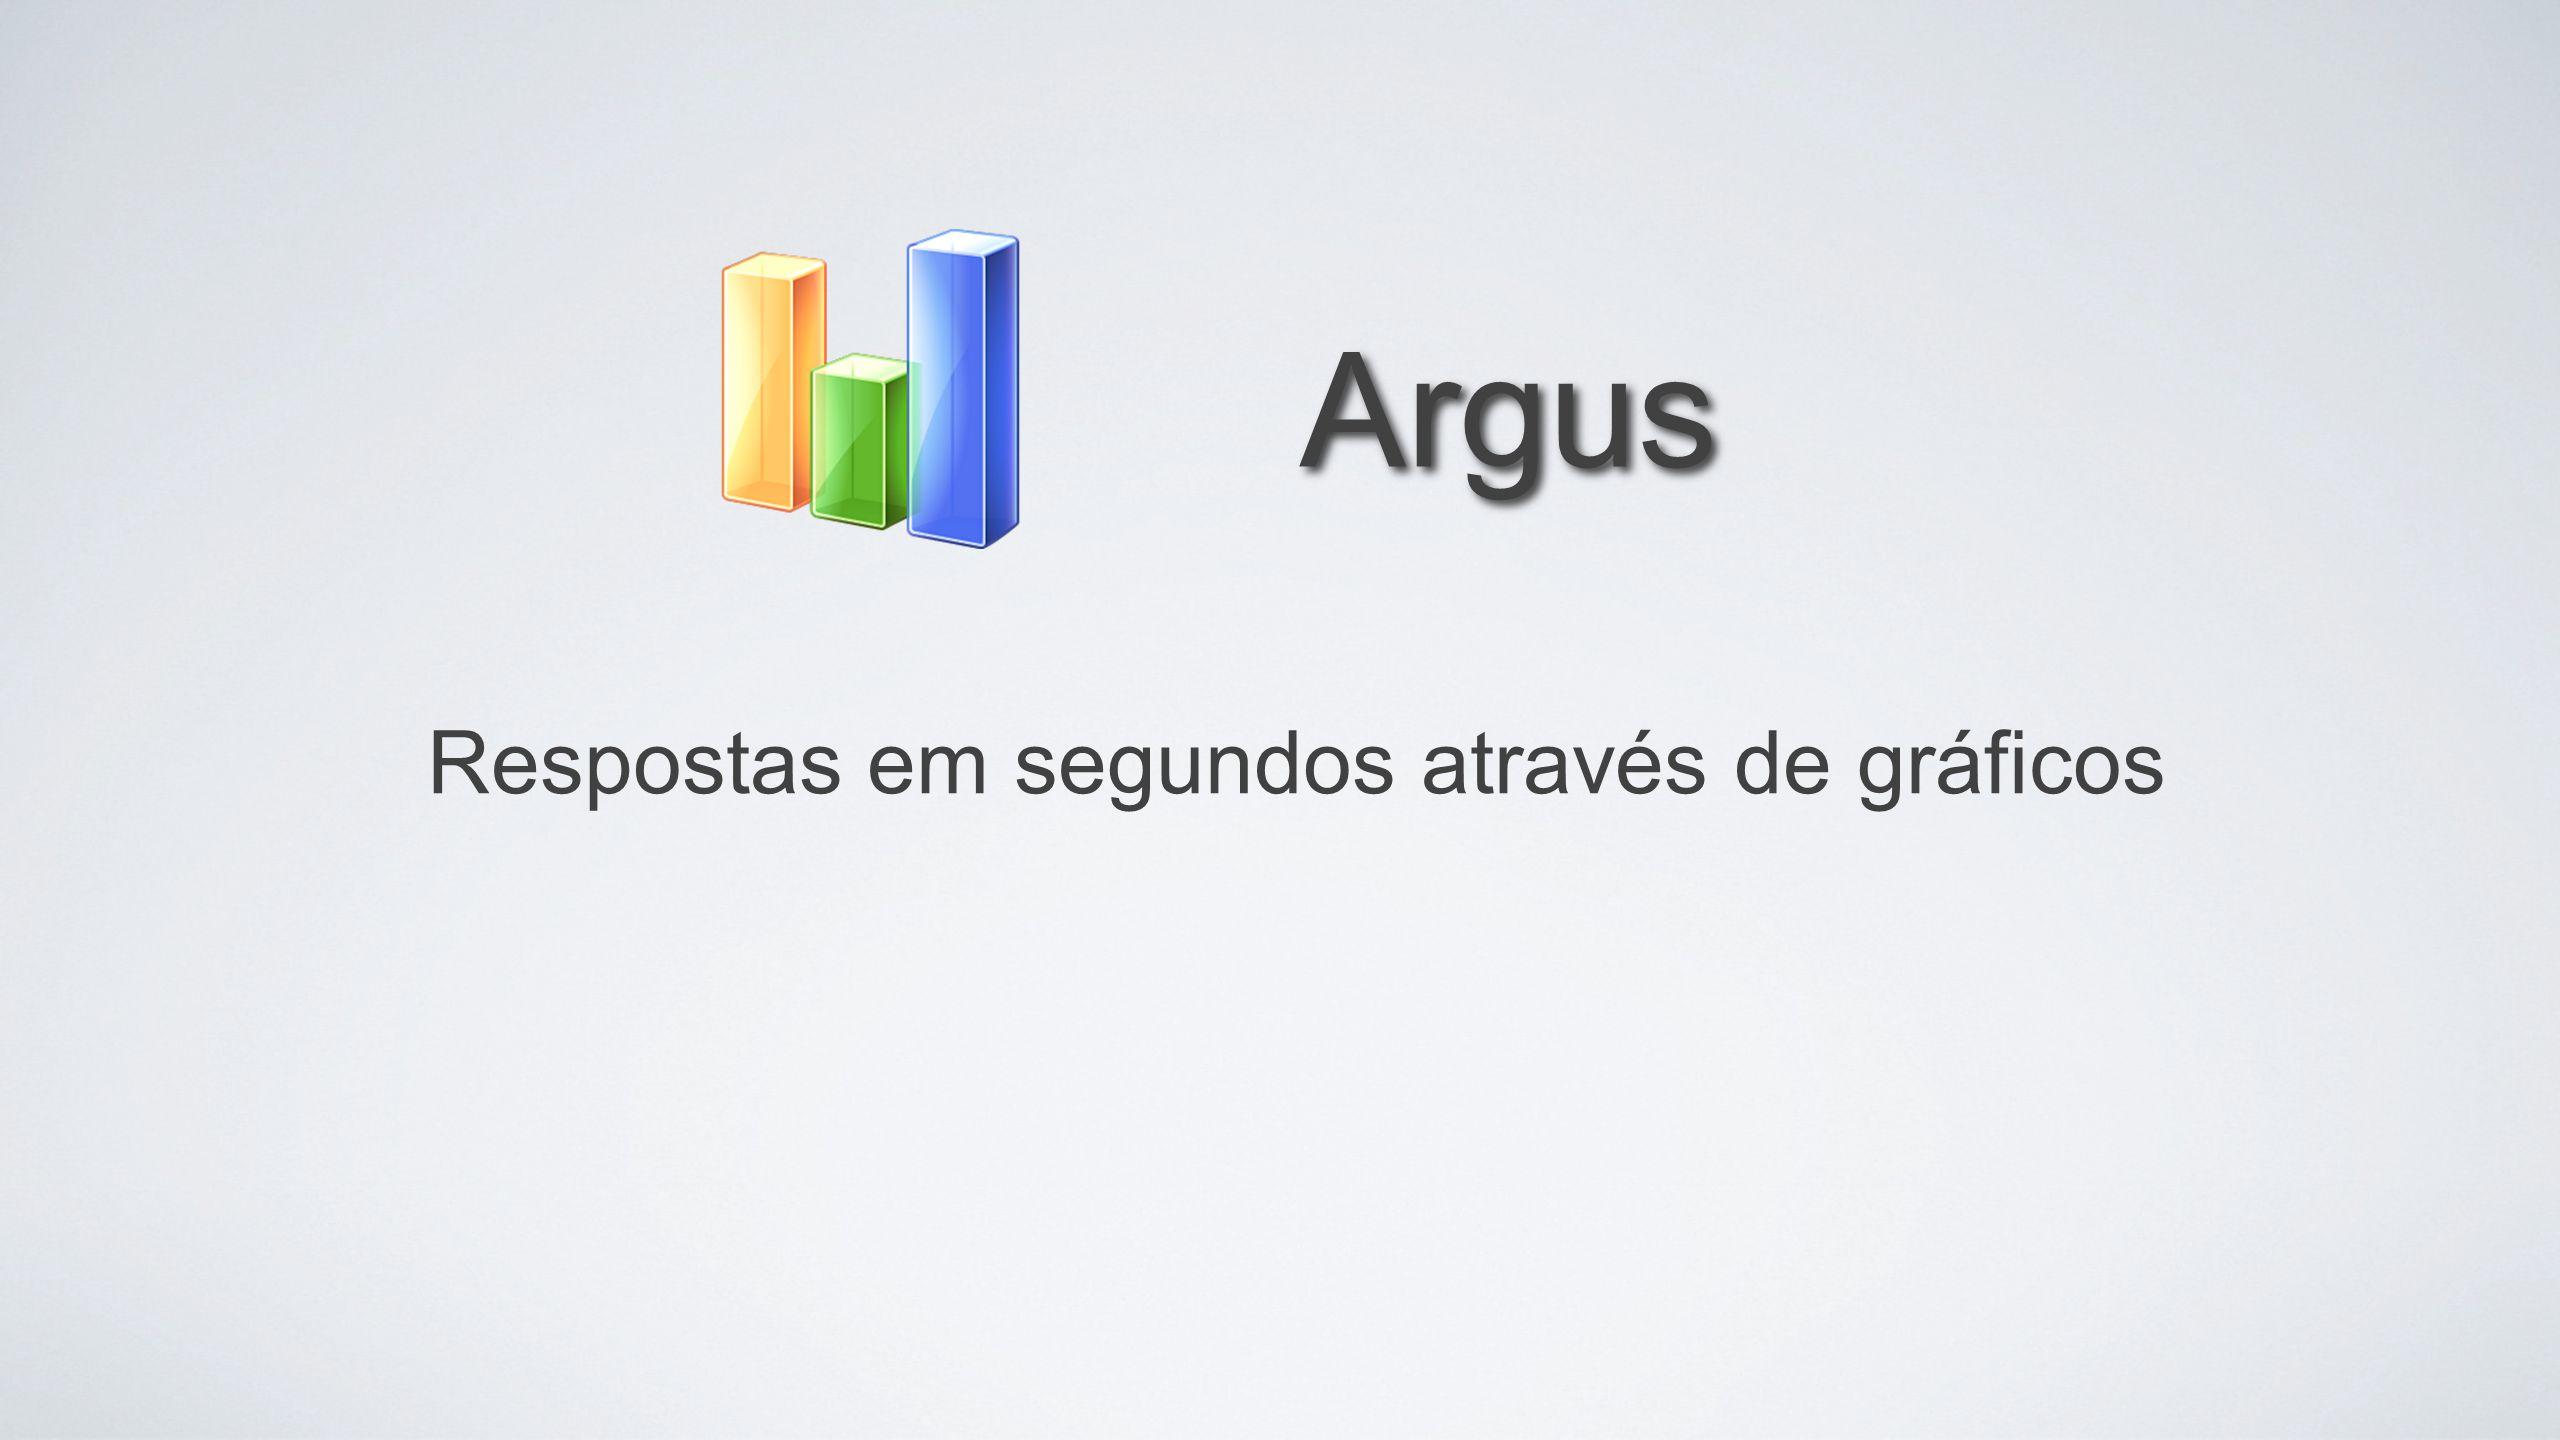 Respostas em segundos através de gráficos Argus